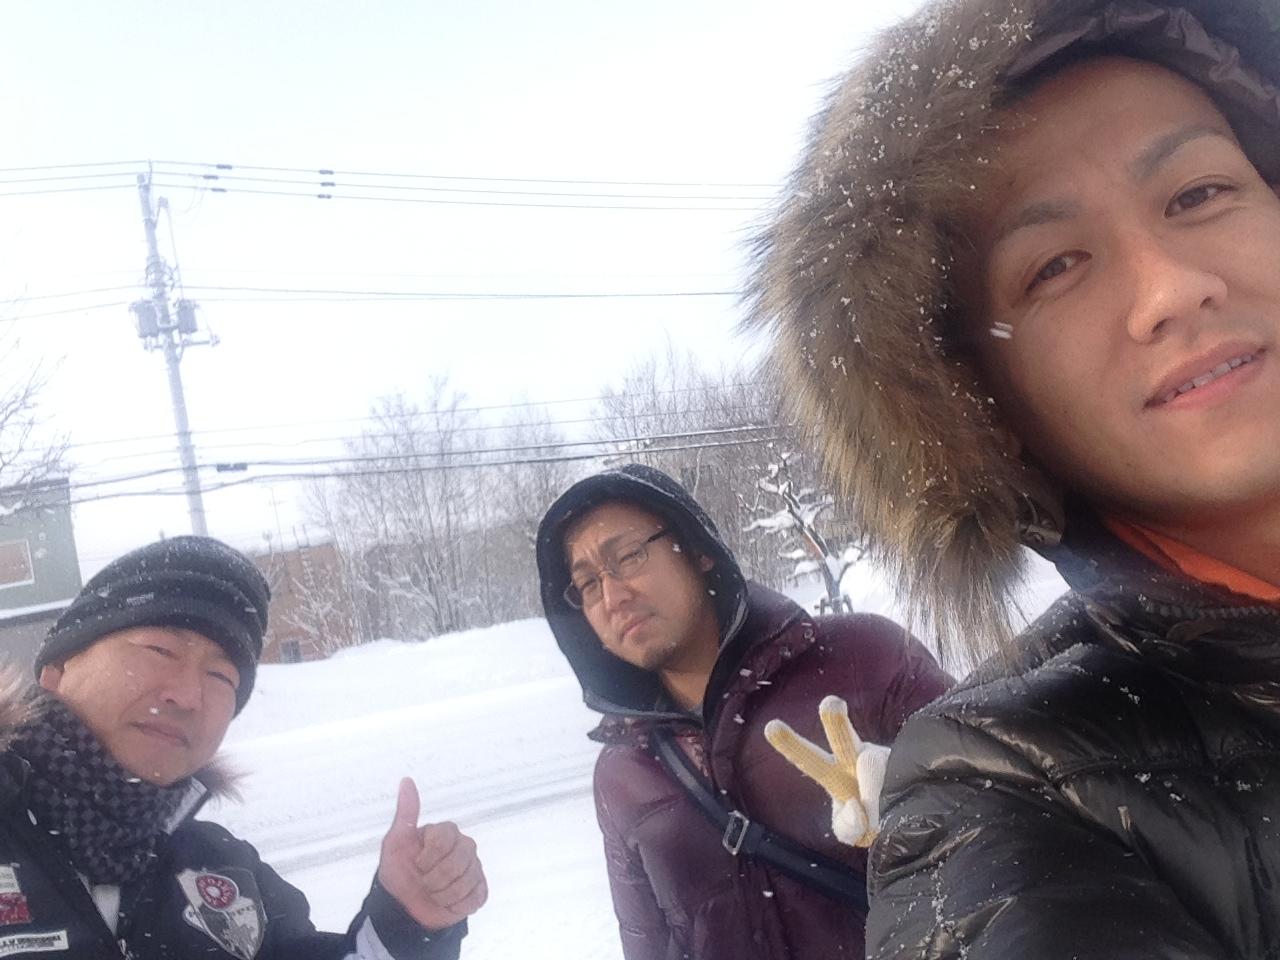 東京オートサロン準備の予定が除雪始めに、明寿ブログ、ランクル200ディーゼル_b0127002_1913793.jpg